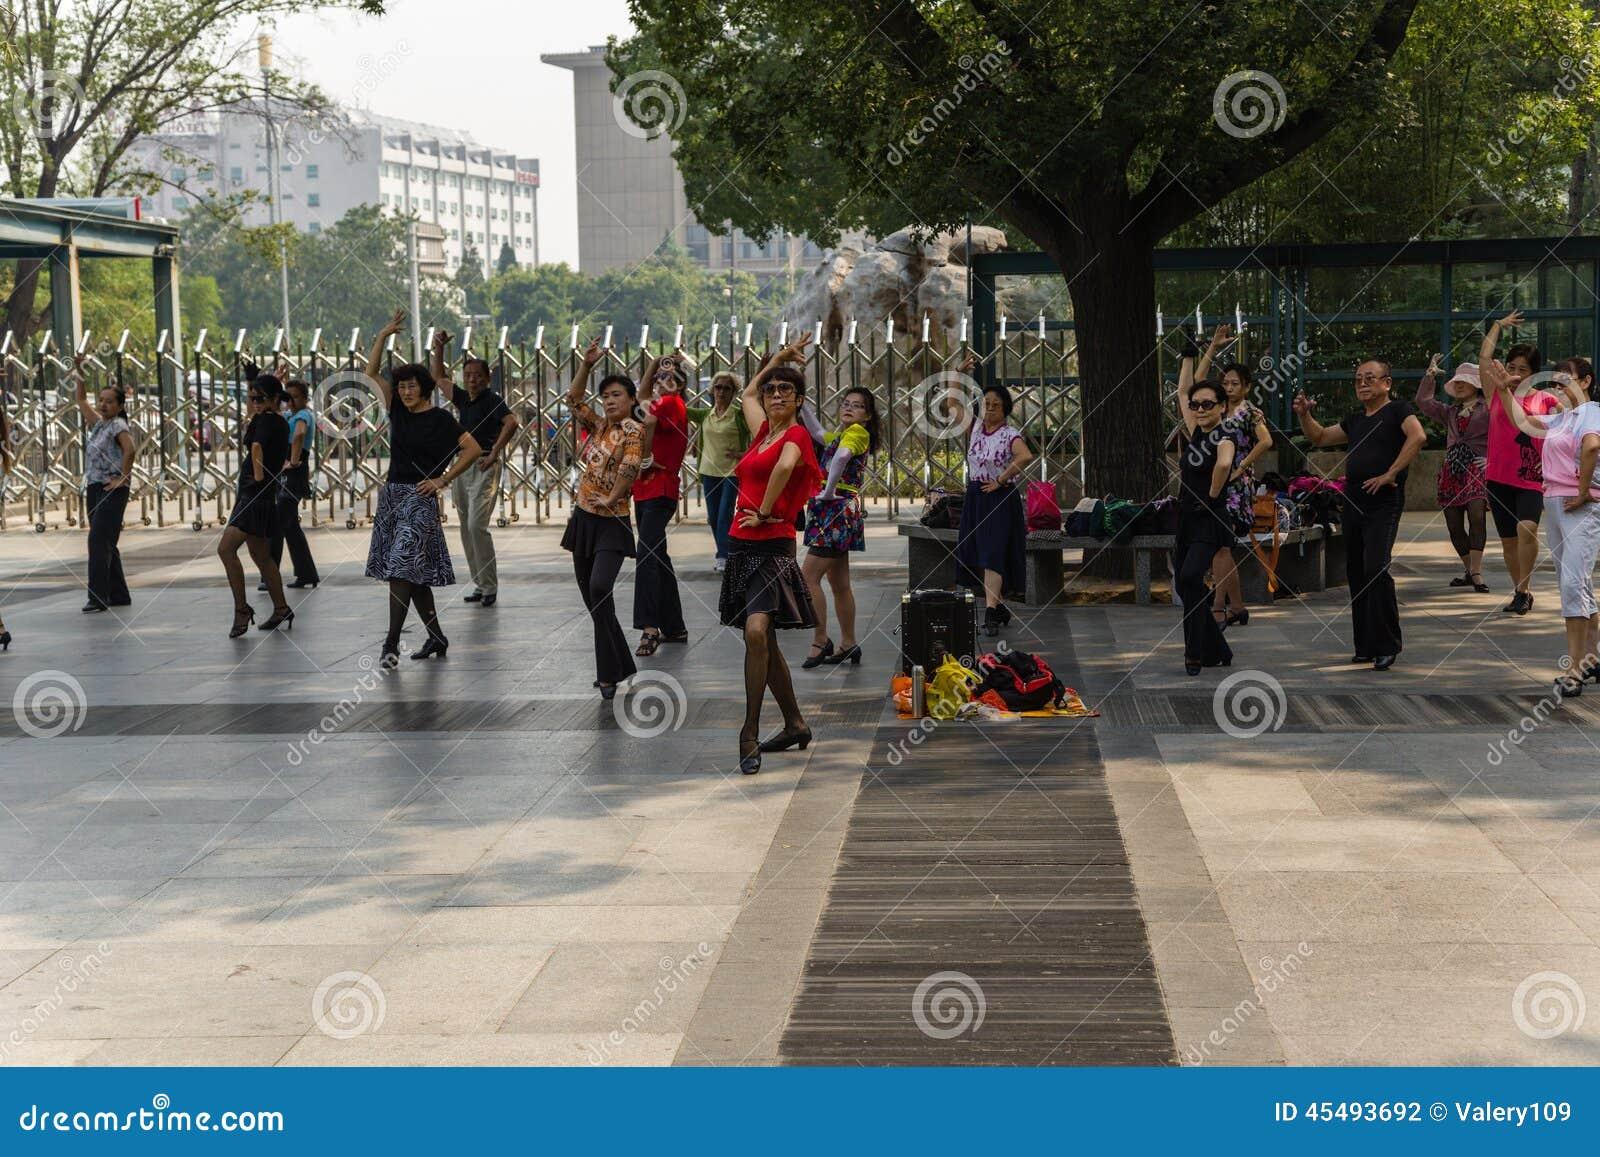 北京 西班牙跳舞作为一种健康生活方式在中国